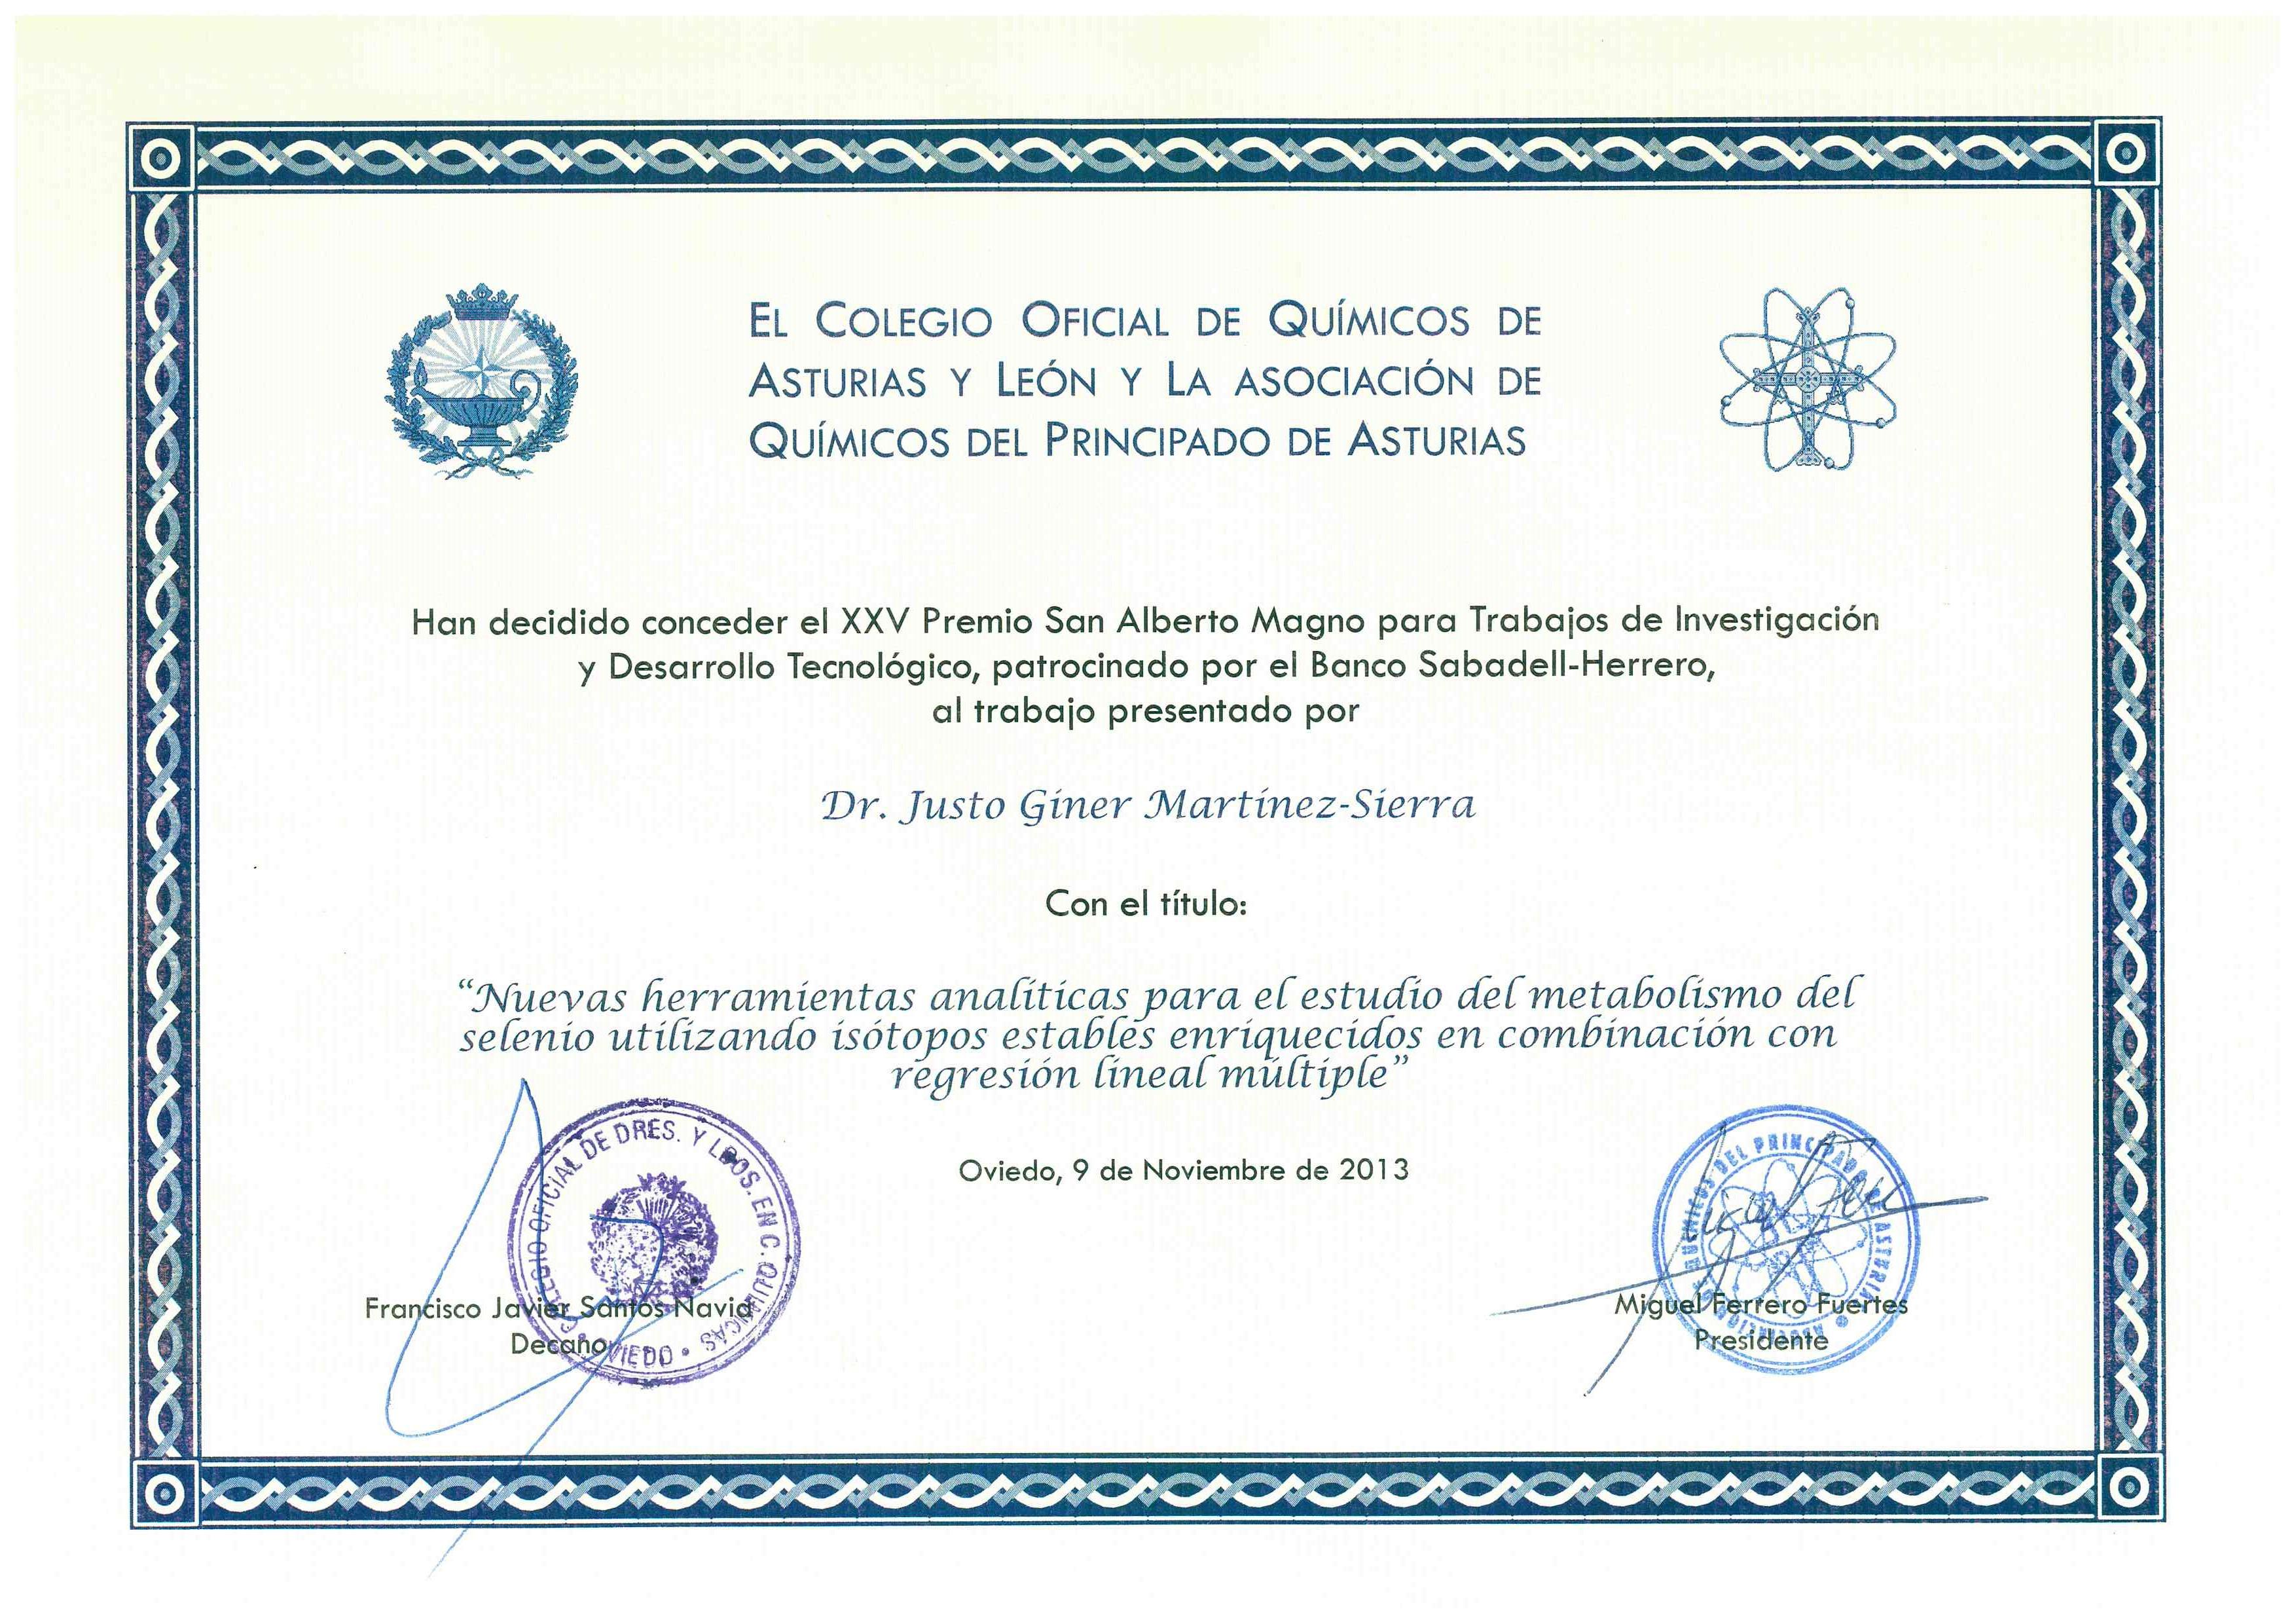 Colegio Oficial De Dise Ef Bf Bdadores De Interiores Y Decoradores De Catalu Ef Bf Bda